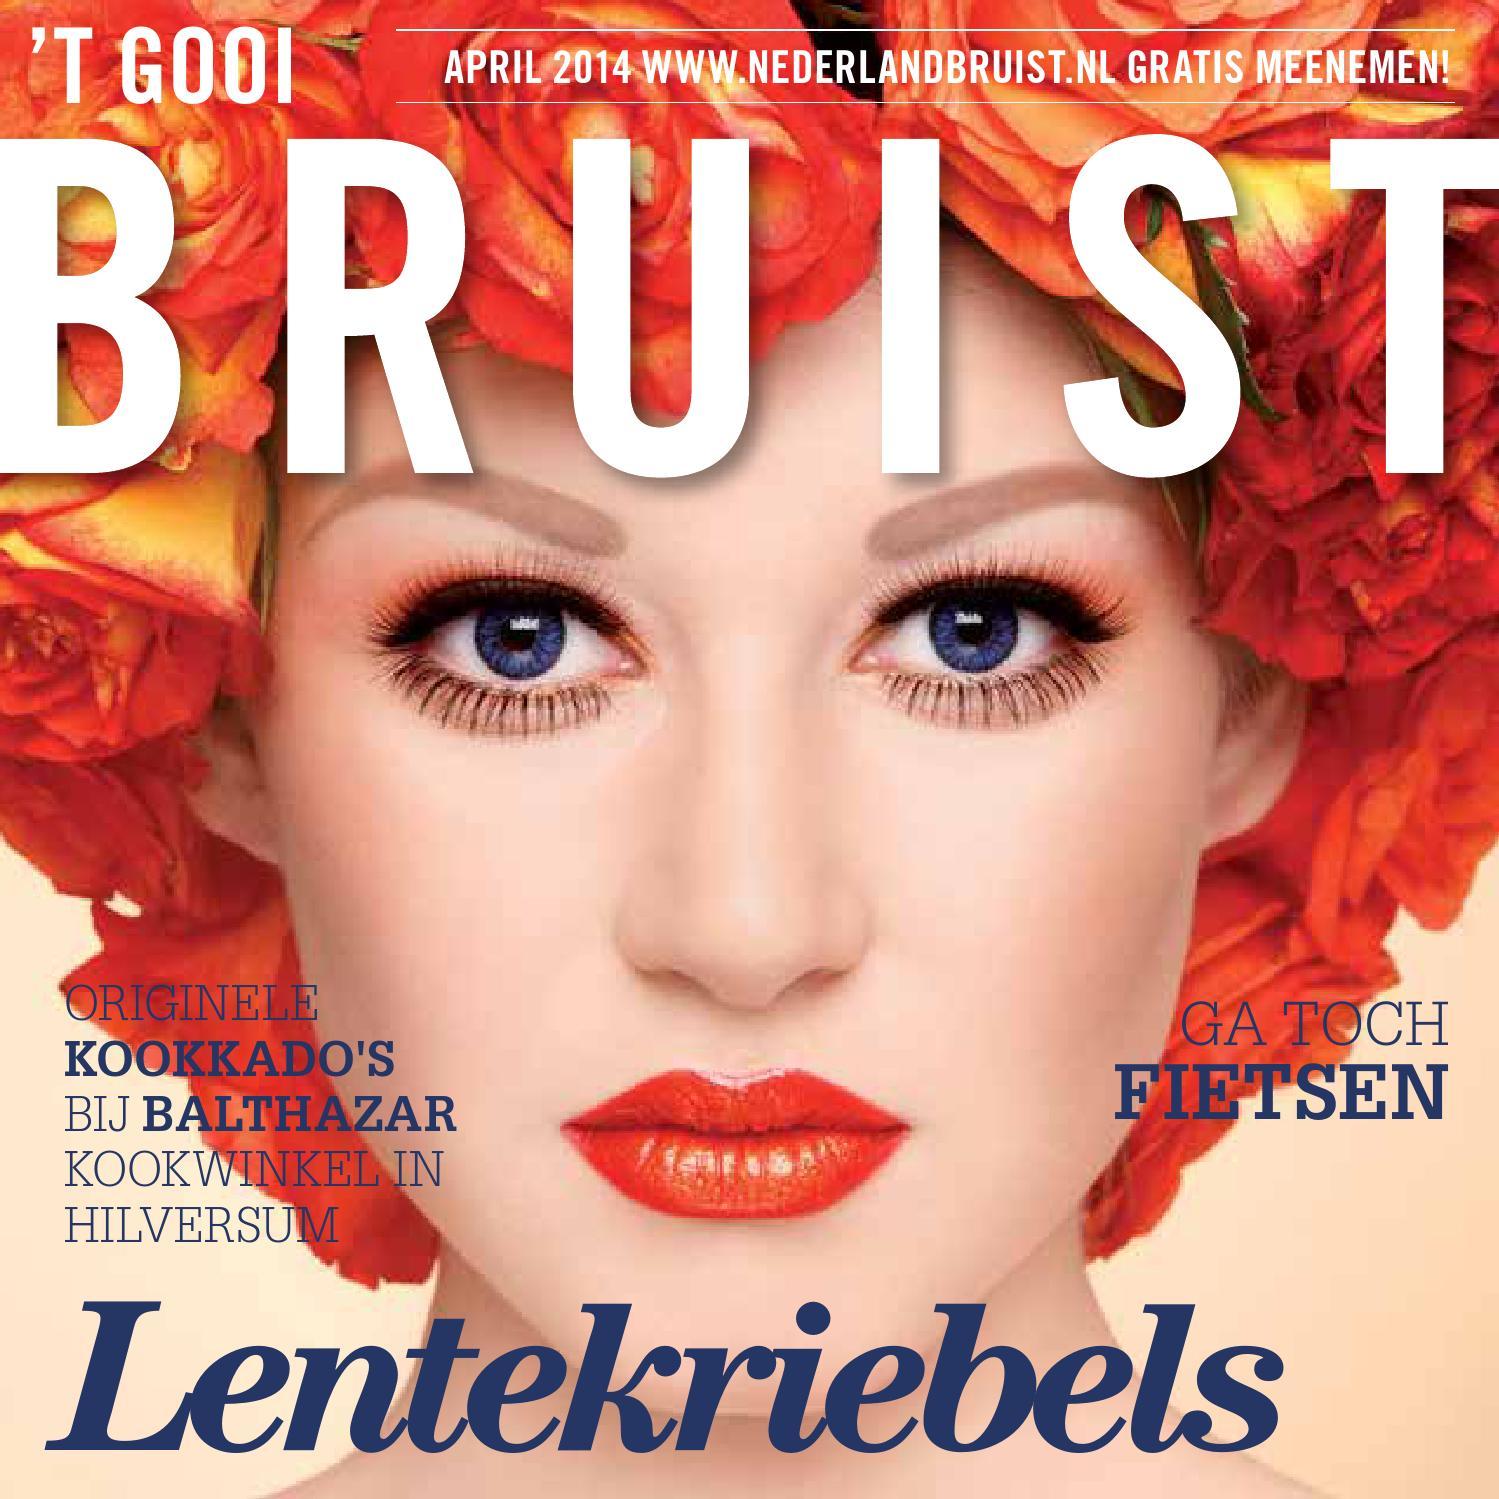 2014 04 tgooi by Nederland Bruist - Issuu